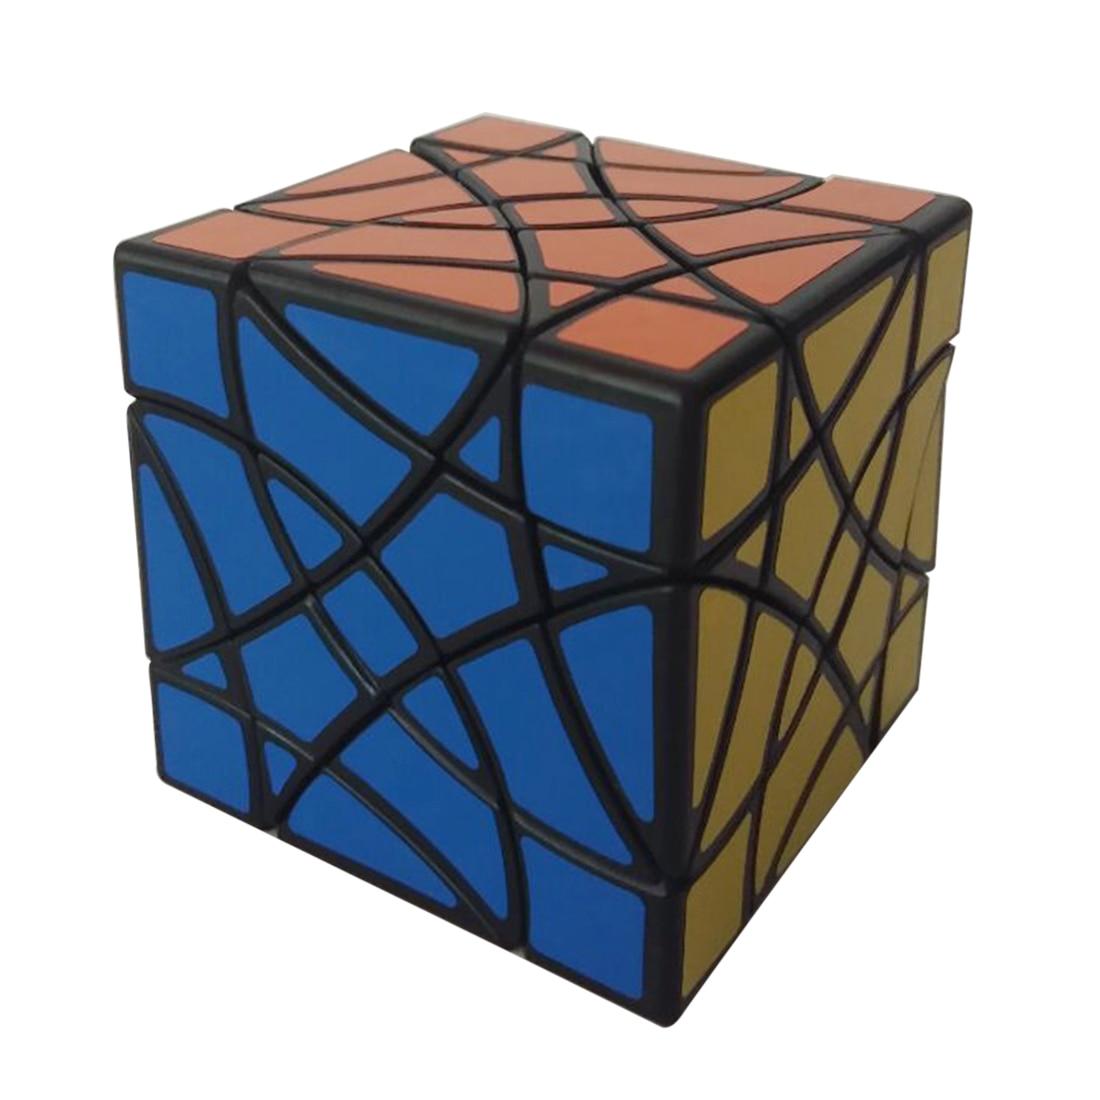 Surwish DaYan Duble Hirondelle Spécial En Forme de Cube Magique pour la Formation Du Cerveau